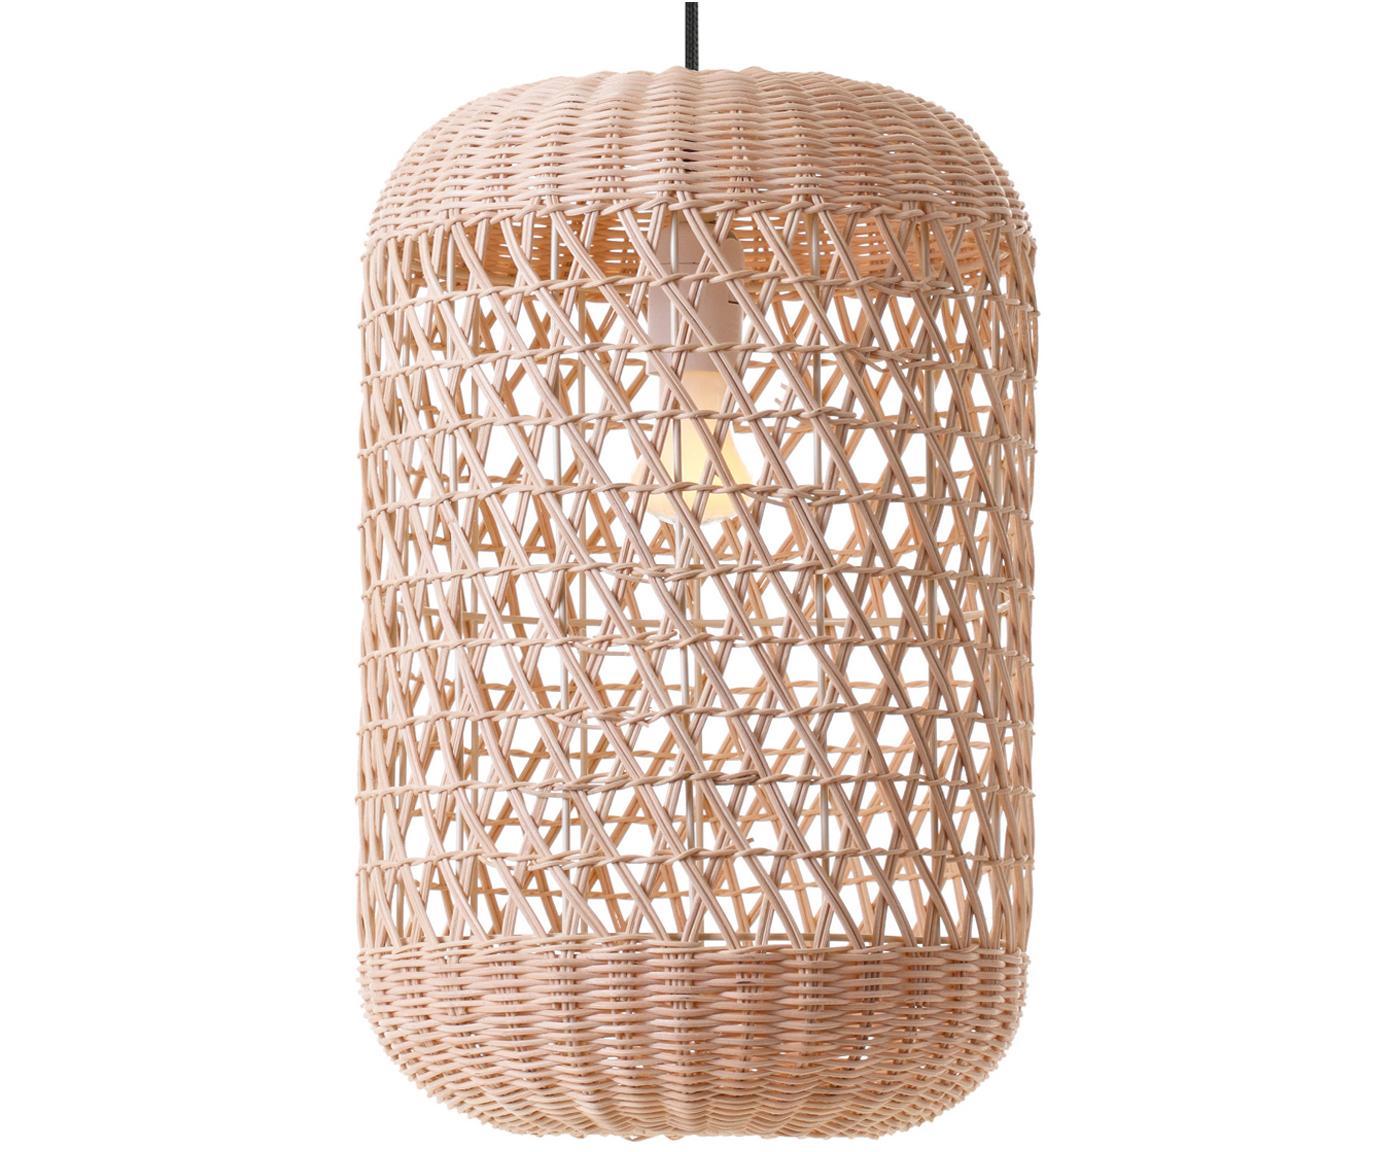 Lámpara de techo de vidrio Aurora, Pantalla: bambú, Anclaje: plástico, Cable: cubierto en tela, Bayo, Ø 25 x Al 37 cm